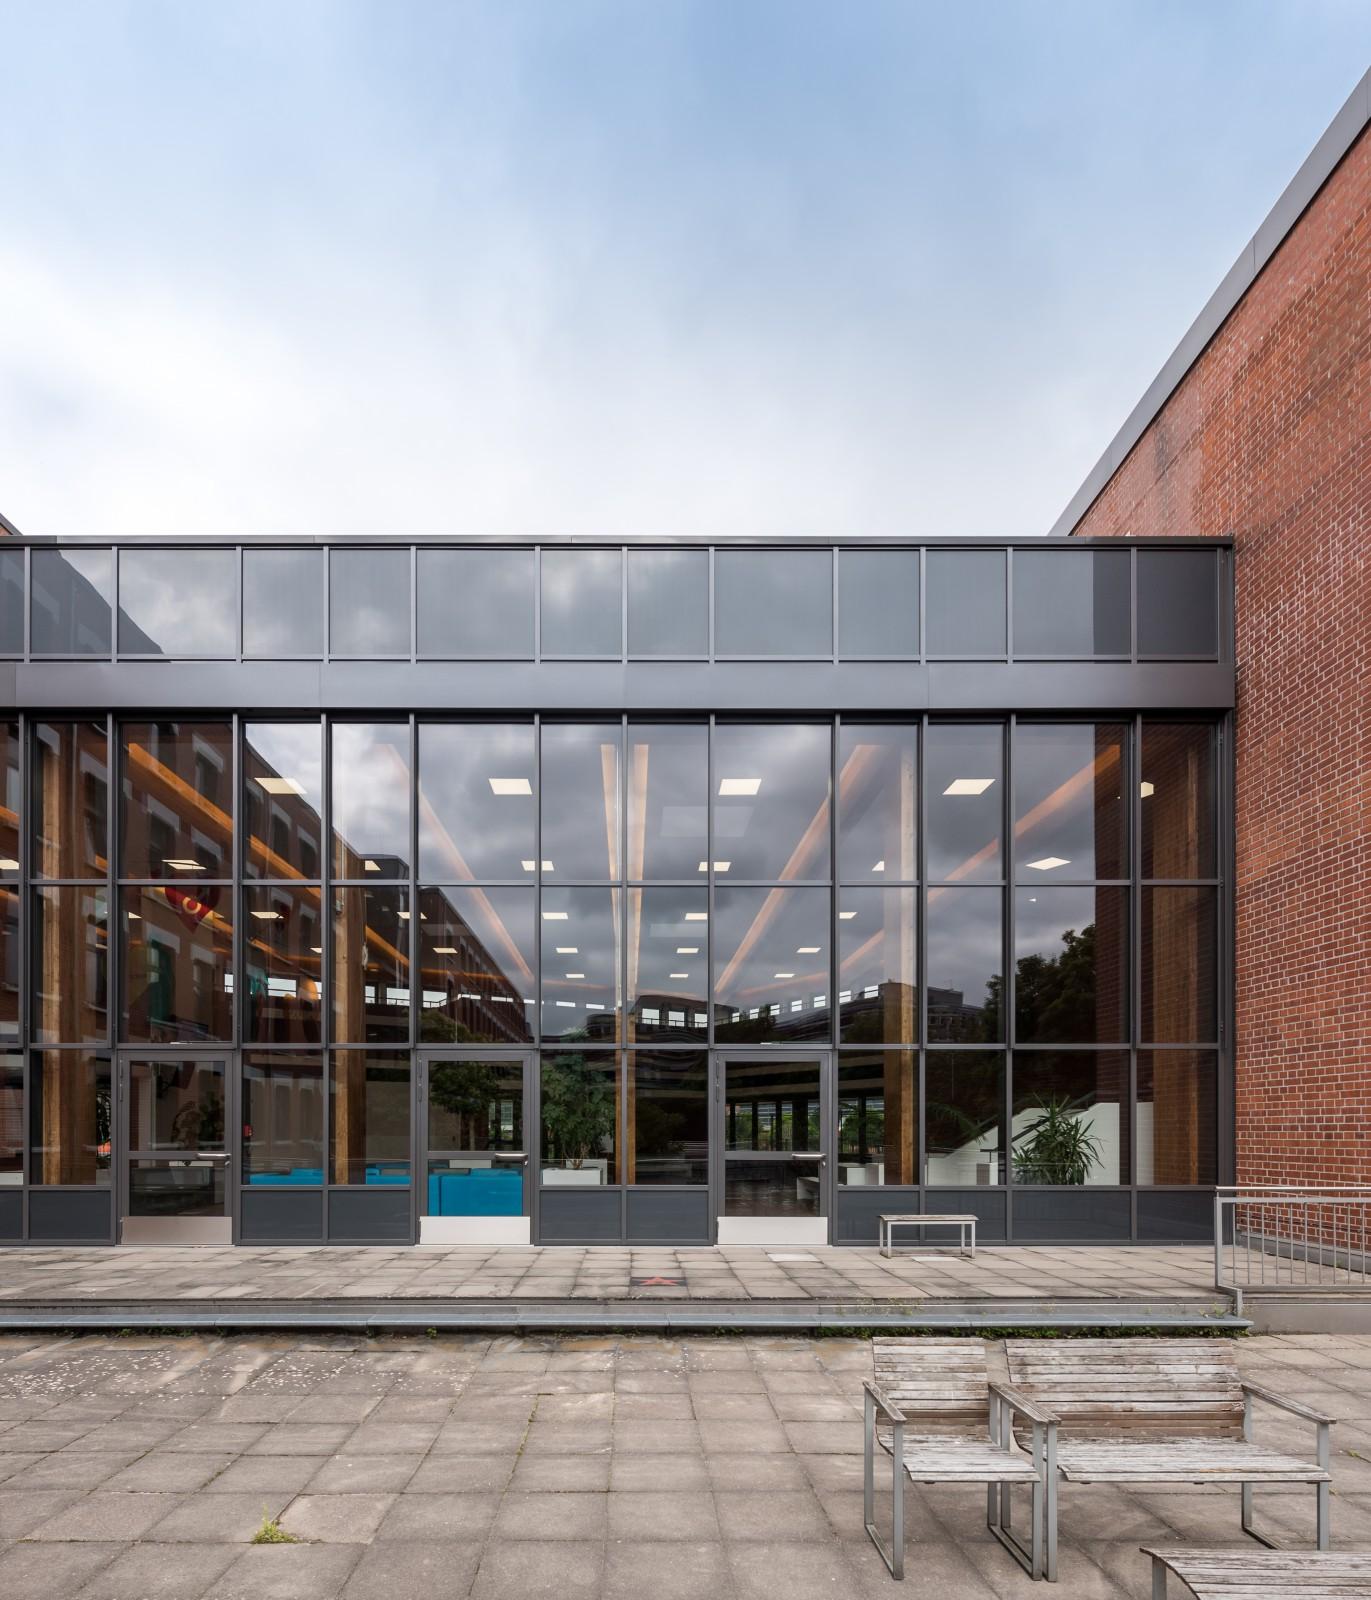 aeußere-innere-grundsanierung-staatliche-schule-gesundheitspflege-ansicht-pfosten-riegel-fassade-aula